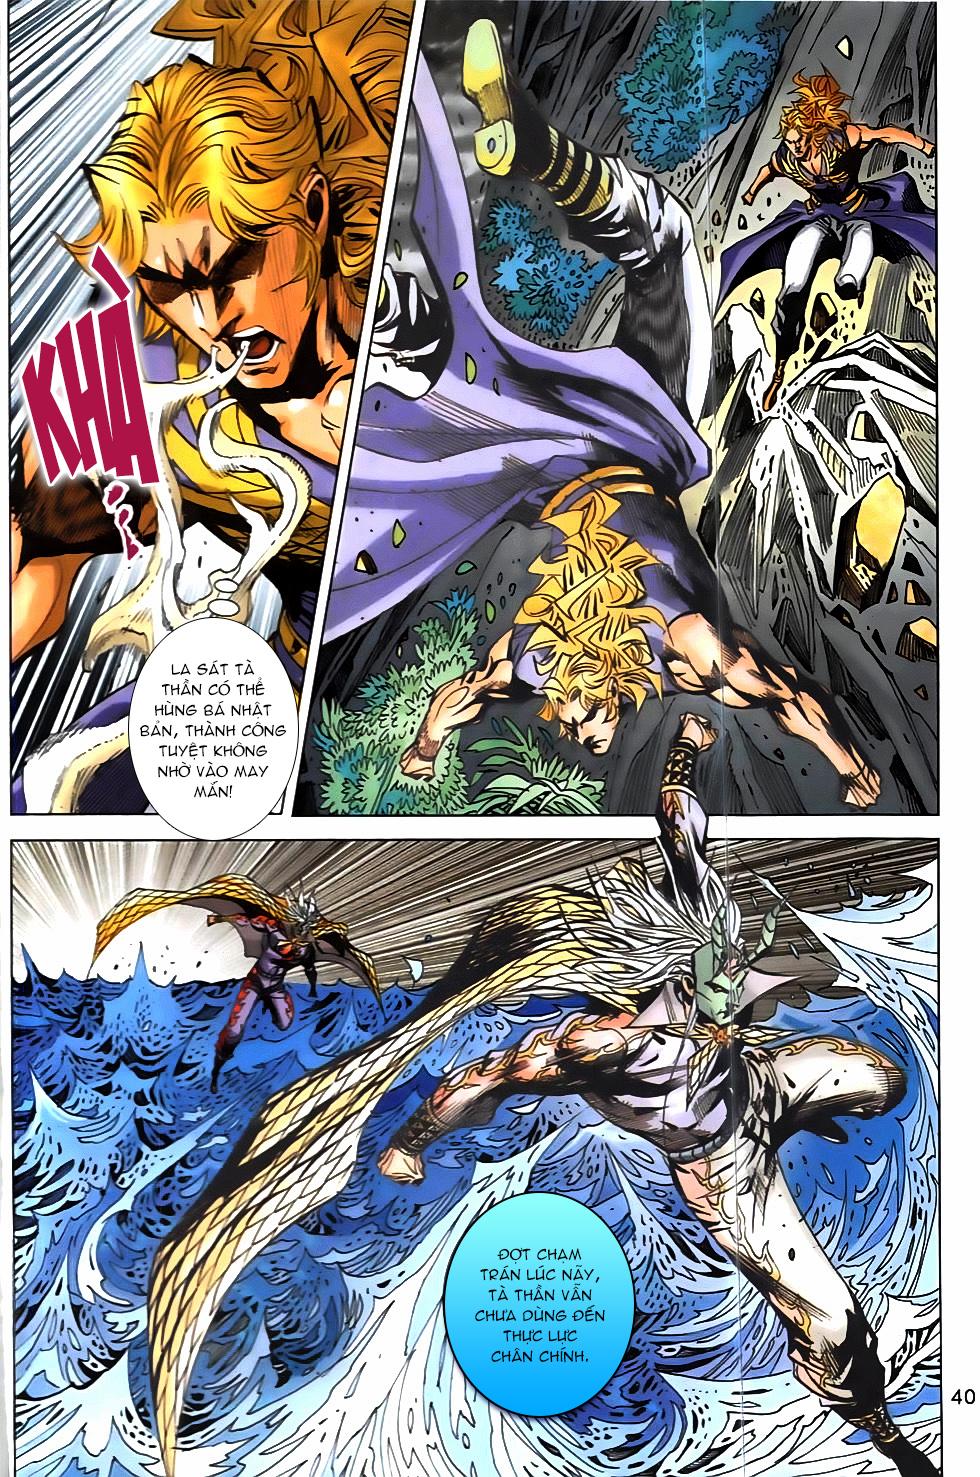 Hoàng Giả Chi Lộ chap 12.2 Trang 12 - Mangak.info